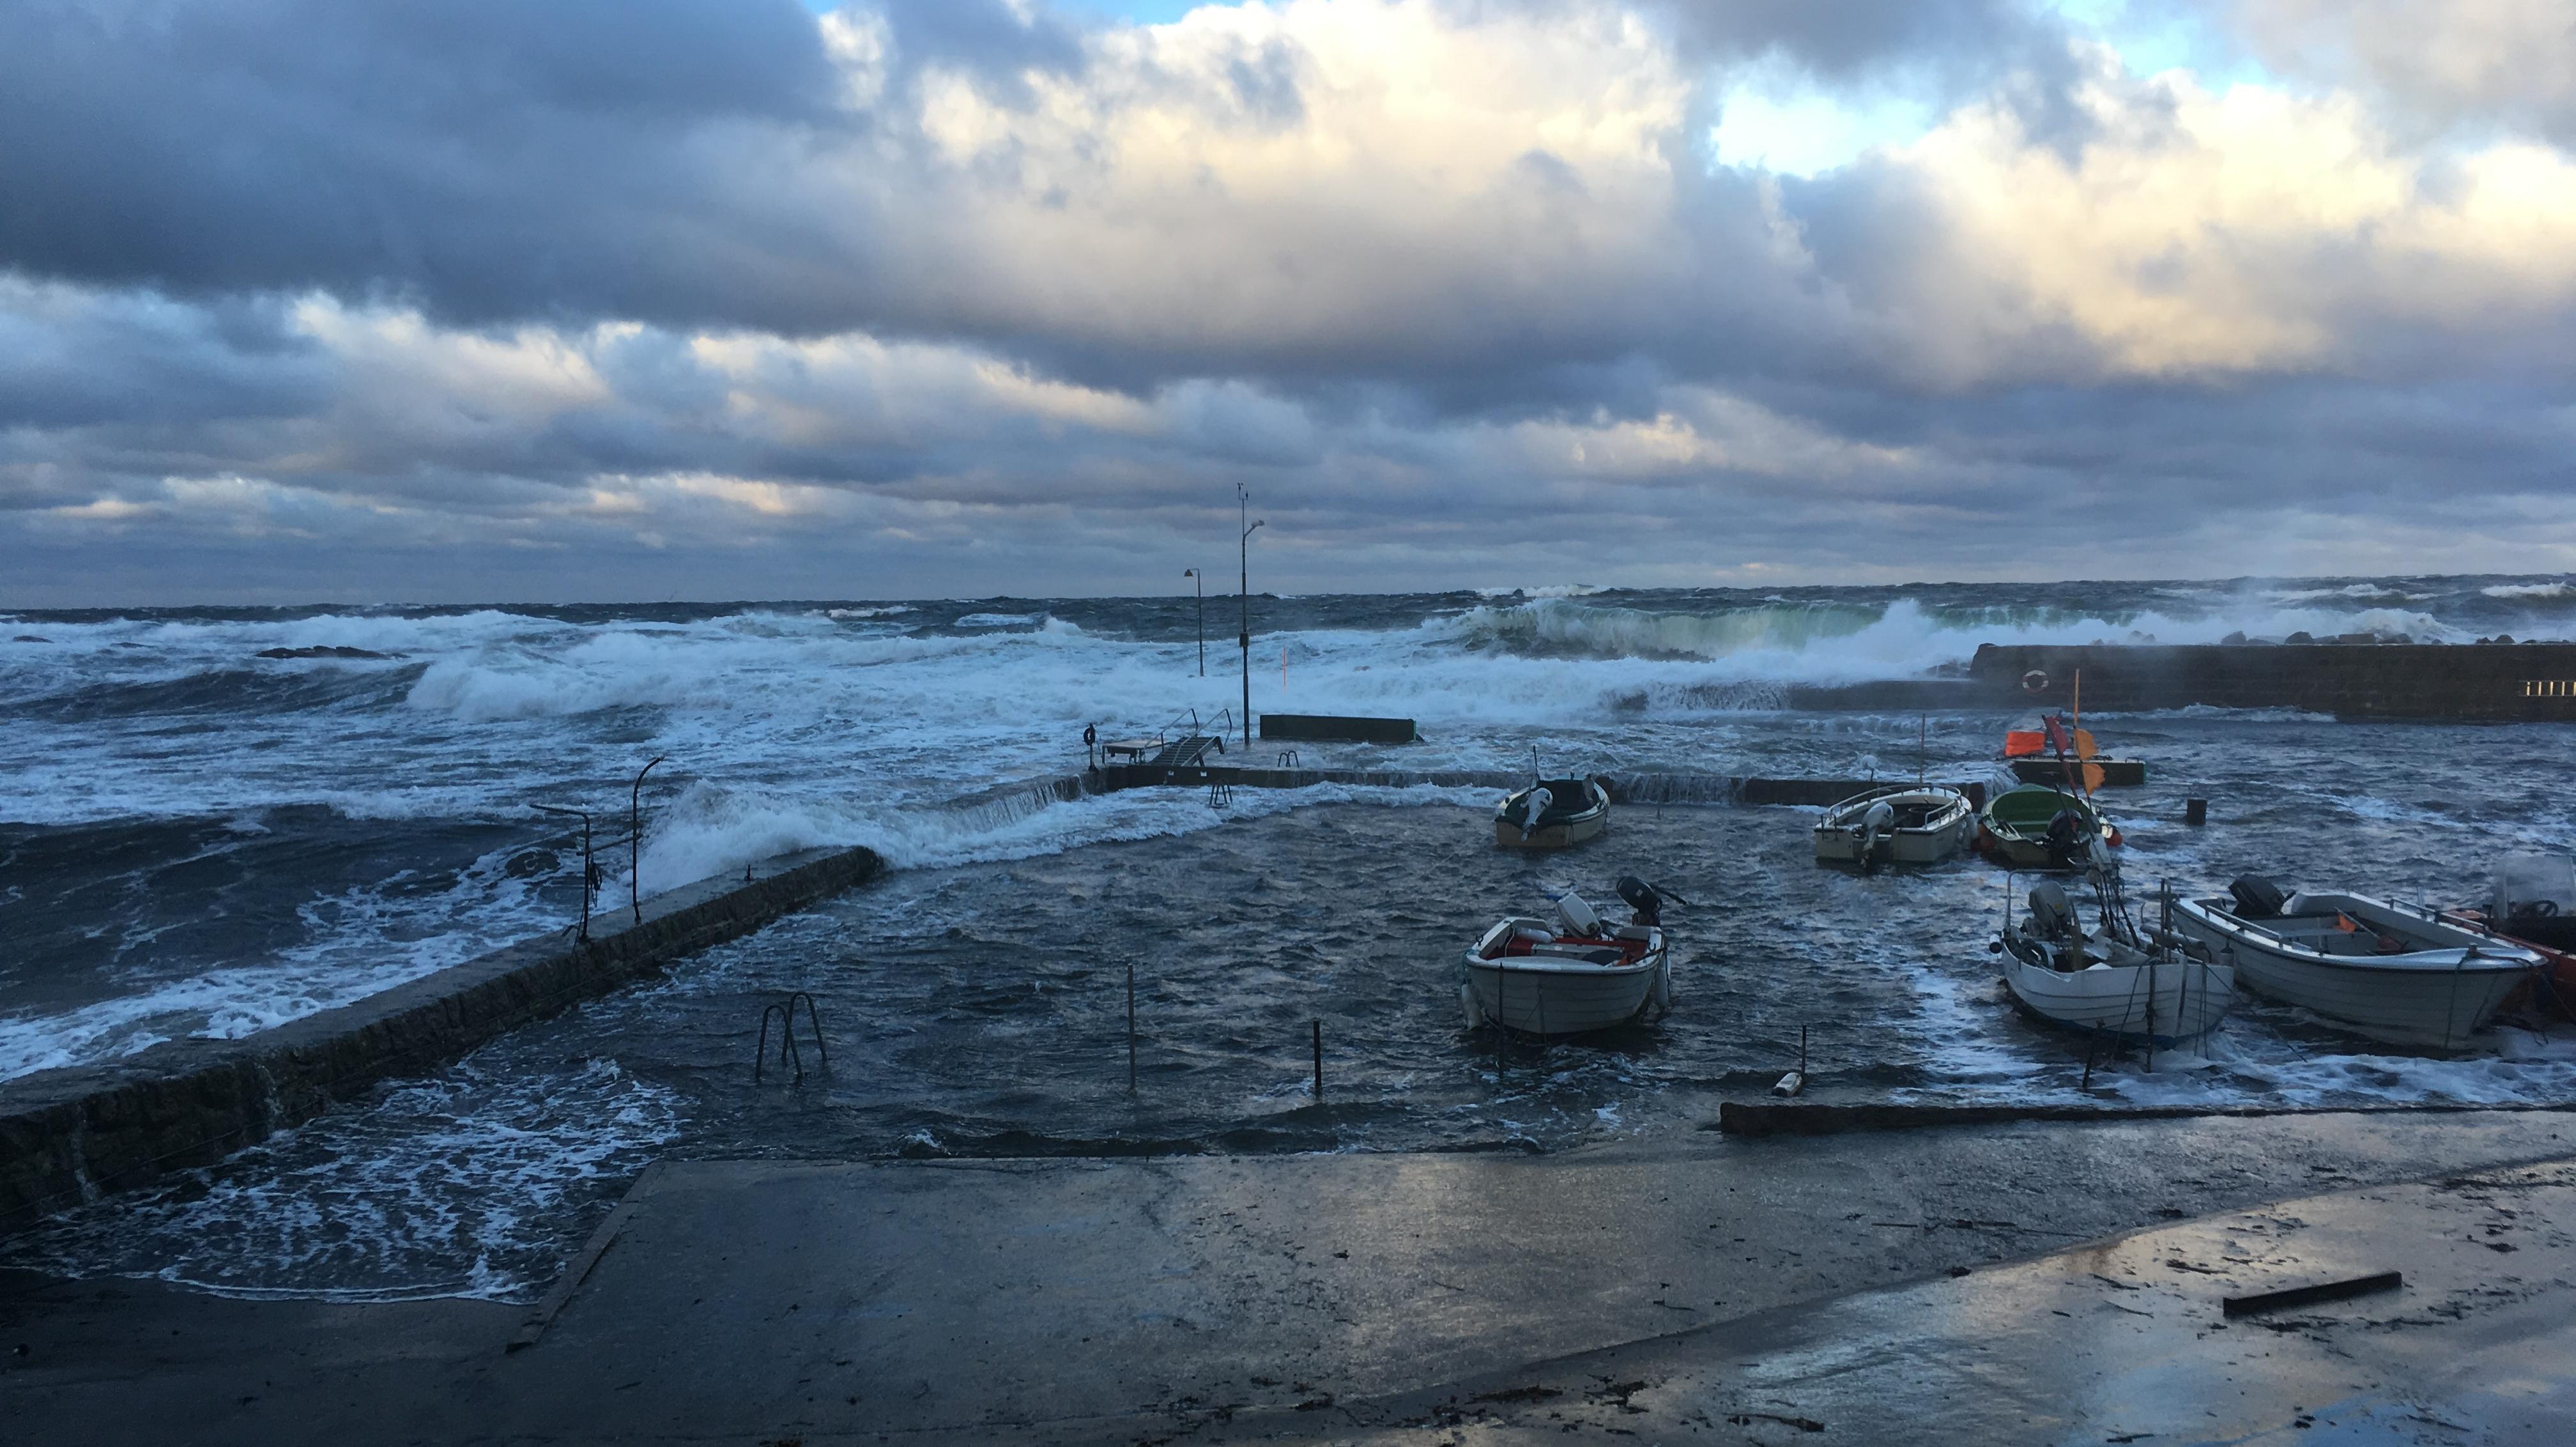 Billede fra vores reporter på Bornholm